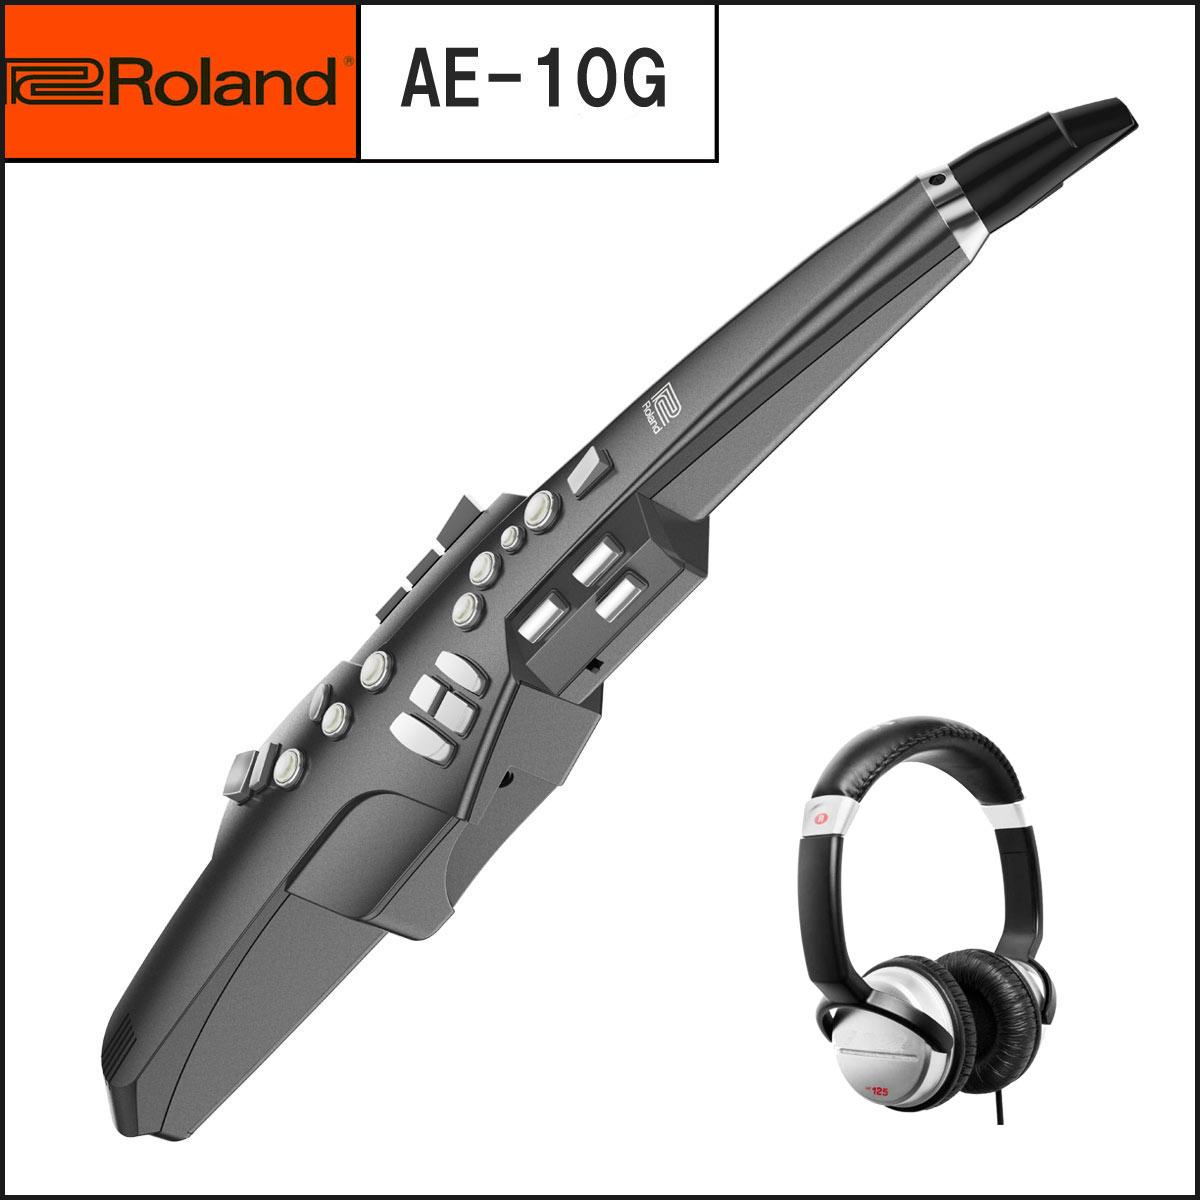 【在庫あり】Roland ローランド / Aerophone AE-10G グラファイトブラック エアロフォン 新カラー《ヘッドフォンプレゼント:551810390》